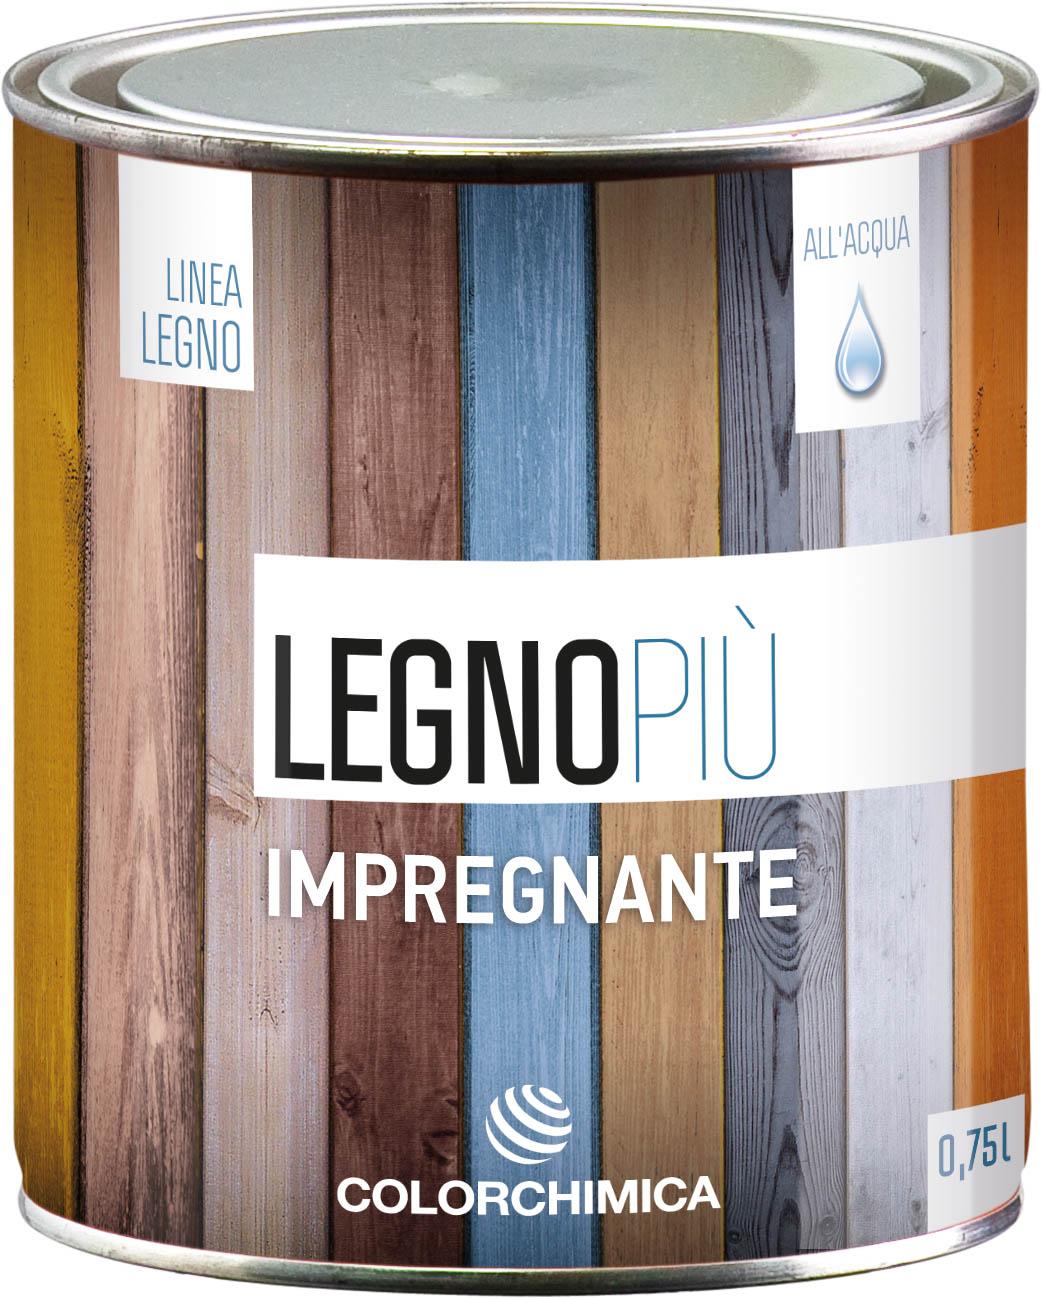 LegnoPiu NEW DESIGN Linea All'Acqua IMPREGNANTE